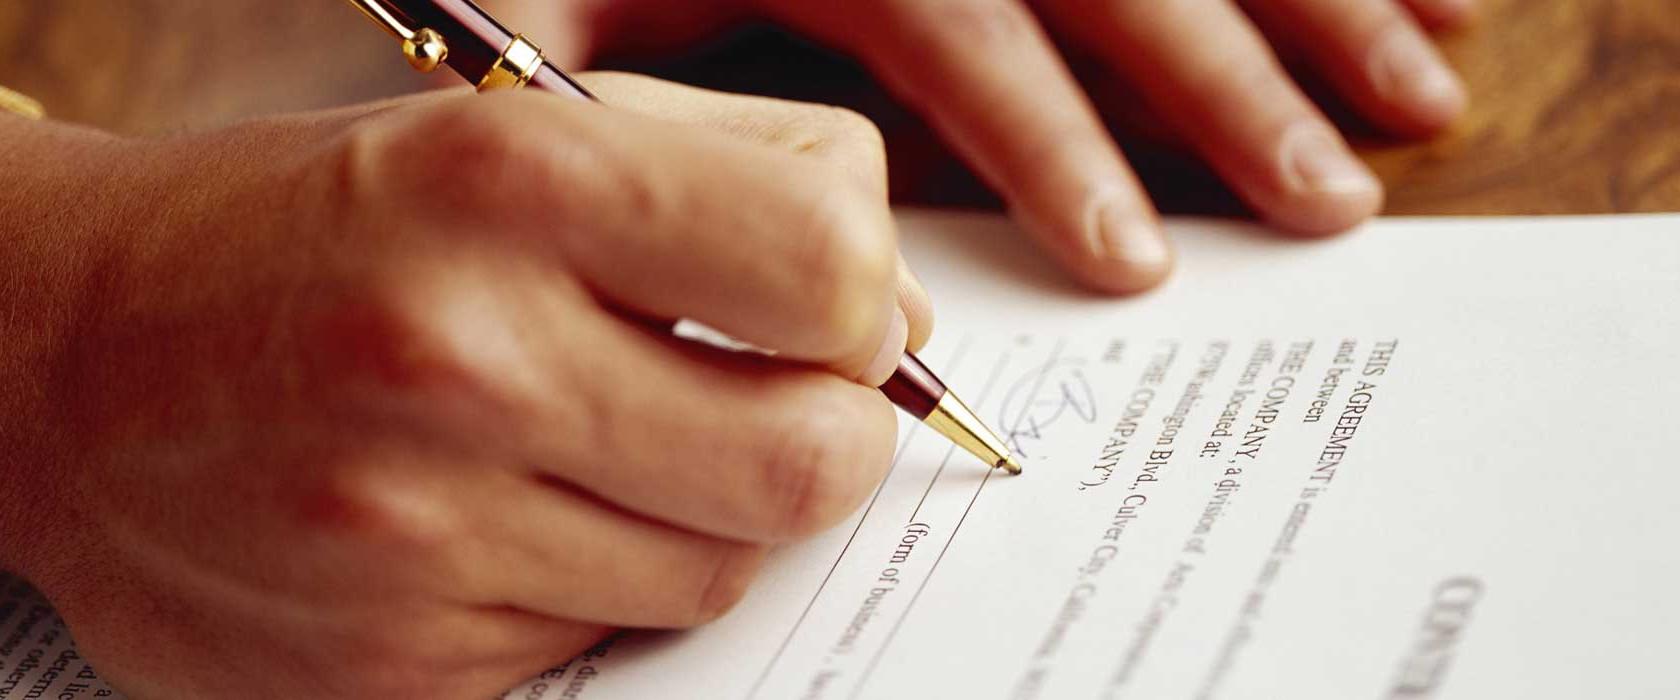 Судебная почерковедческая экспертиза в Краснодаре